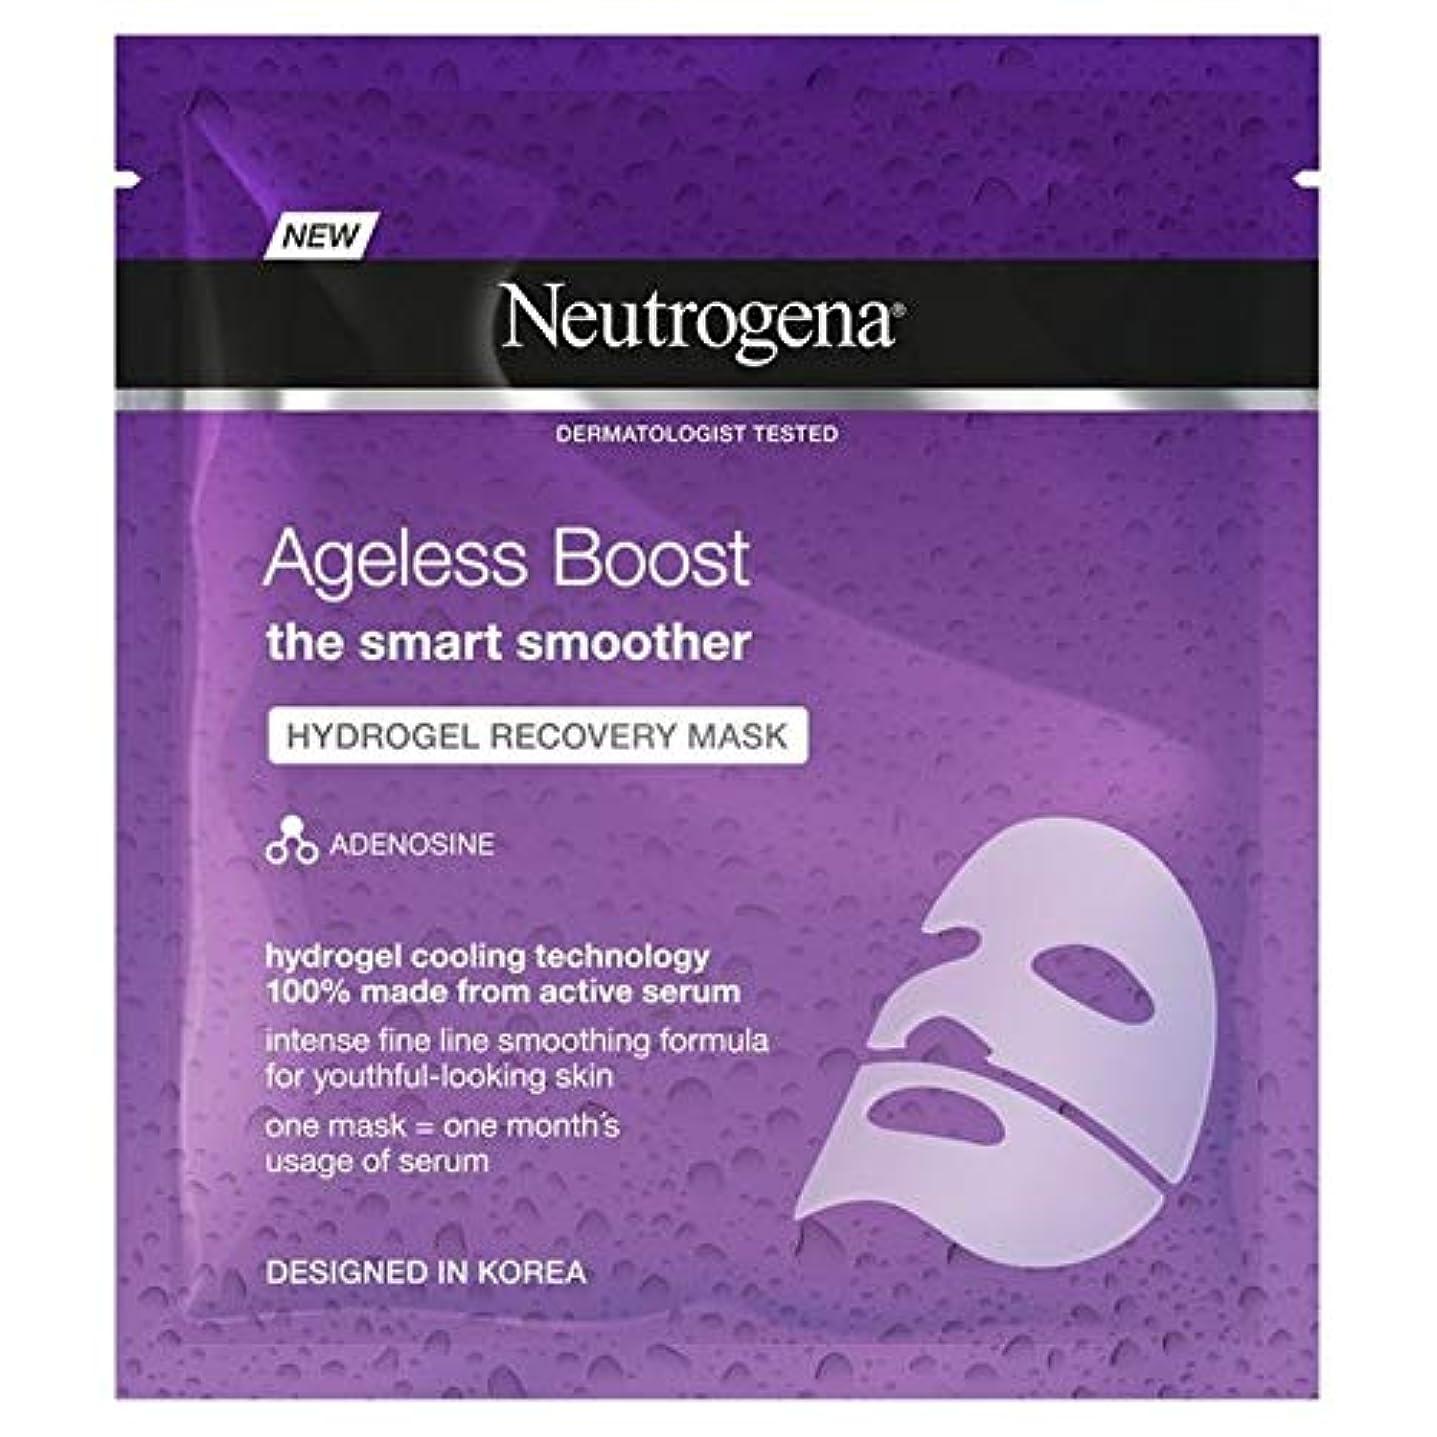 位置づける右モール[Neutrogena] ニュートロジーナ永遠ブーストハイドロゲルマスク30ミリリットル - Neutrogena Ageless Boost Hydrogel Mask 30ml [並行輸入品]